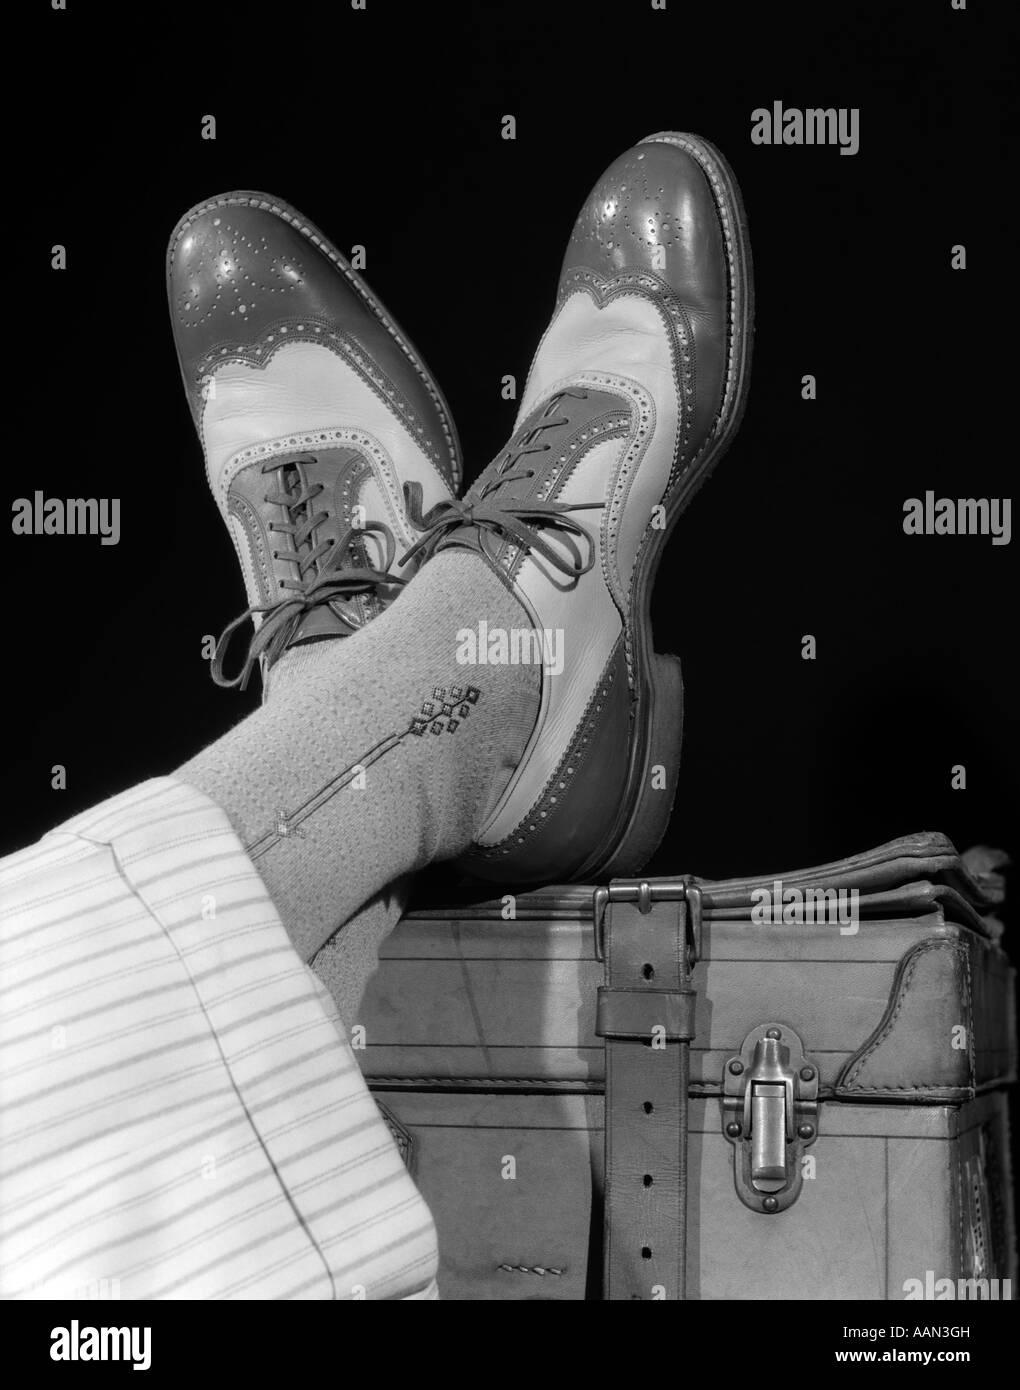 1930s 1940s attraversato i piedi di un uomo che indossa due toni PUNTA ALA spettatore scarpe calze di seta e striato Immagini Stock